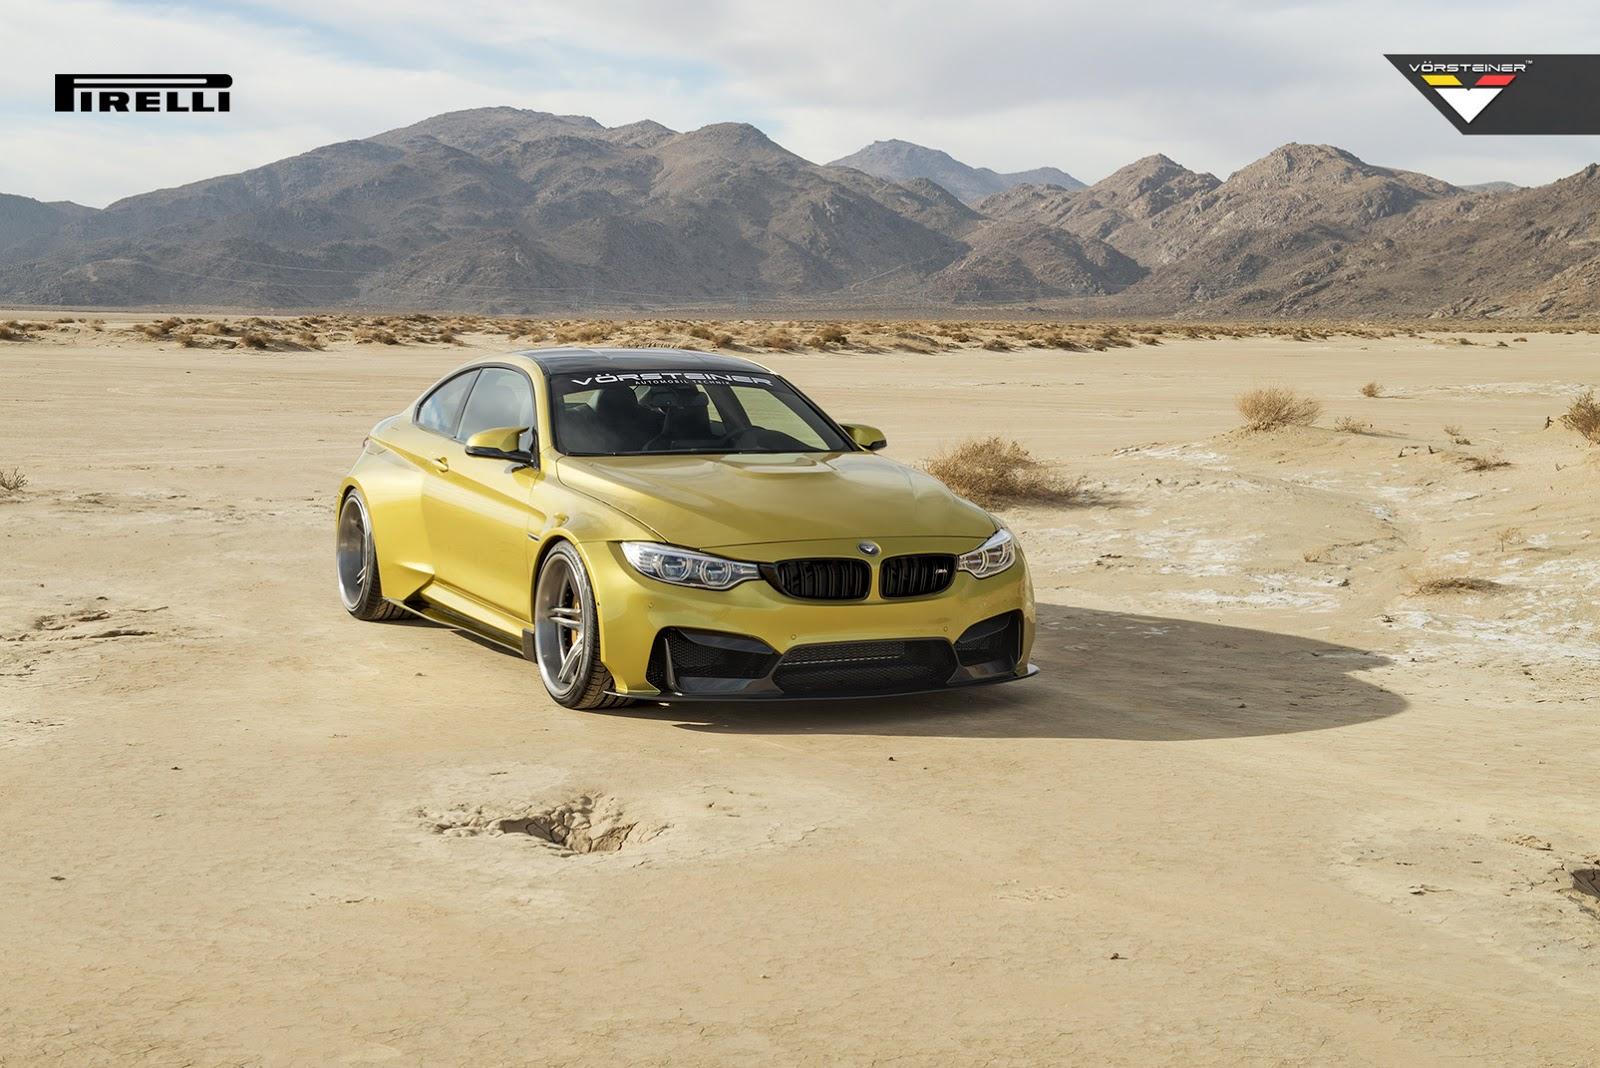 http://4.bp.blogspot.com/-QZg_JUMdaG8/VHOhdlxeq2I/AAAAAAAAdBQ/p8SCw7DfSr0/s1600/BMW-M4-GTRS4-21.jpg